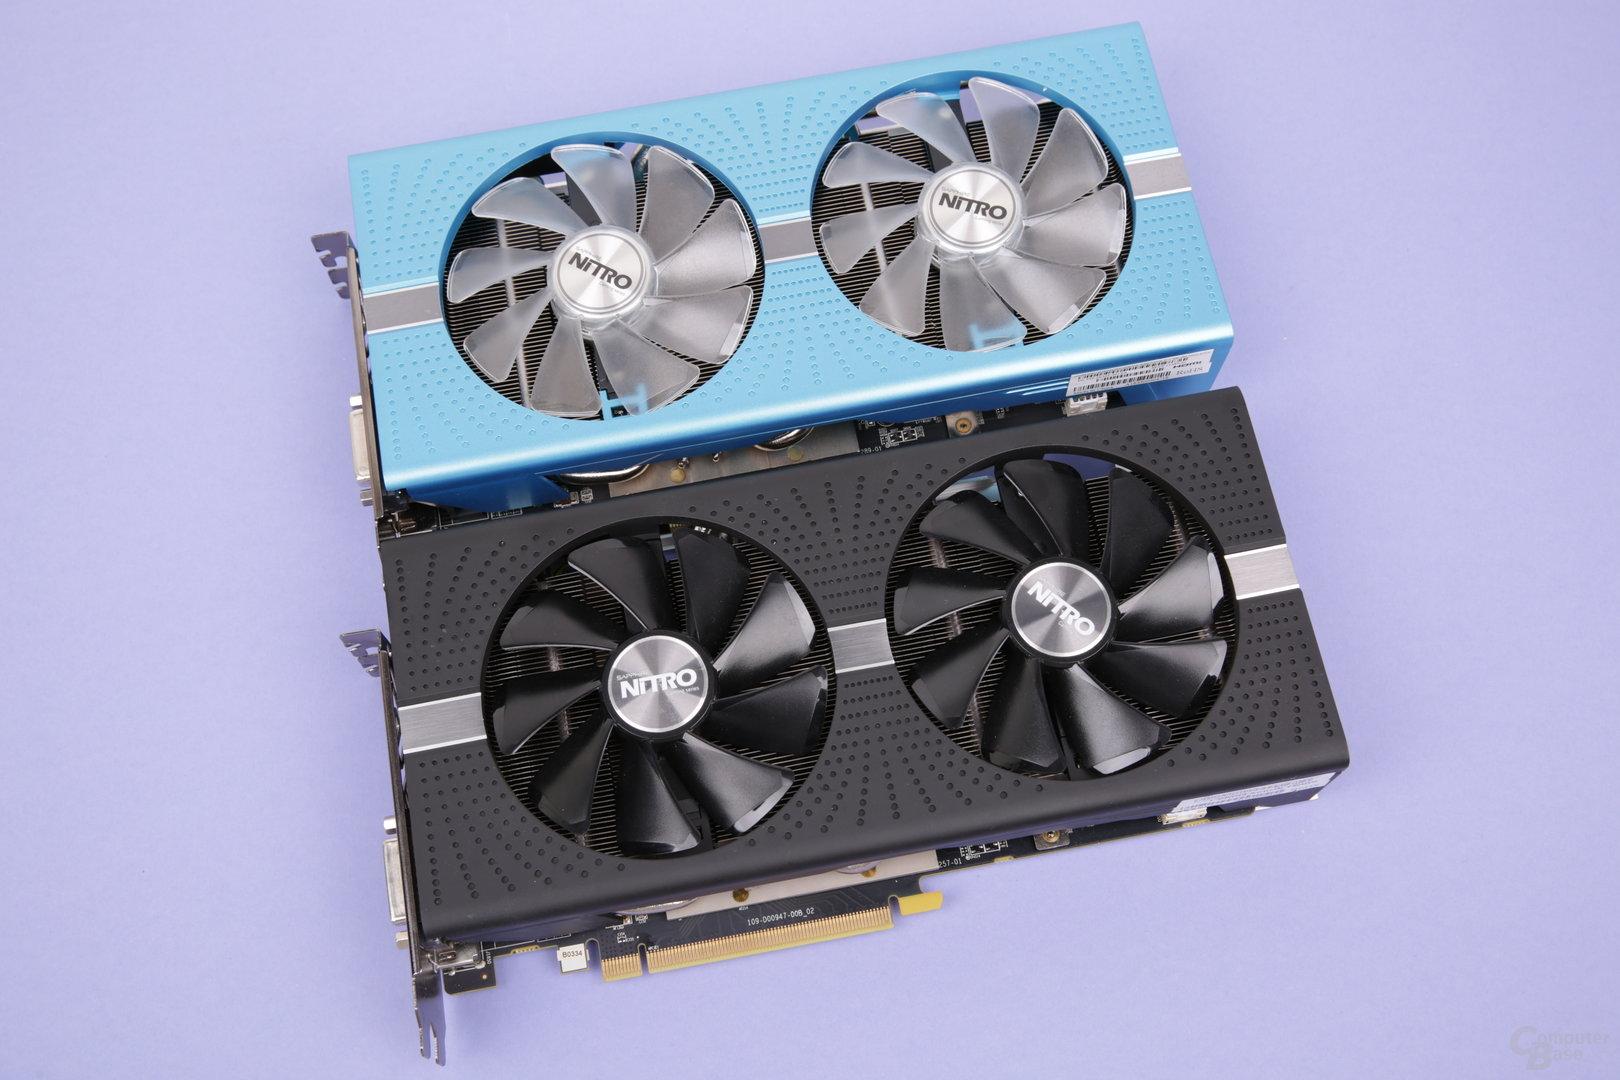 Radeon RX 590 Nitro+ (oben) und RX 580 Nitro+ (unten) von Sapphire